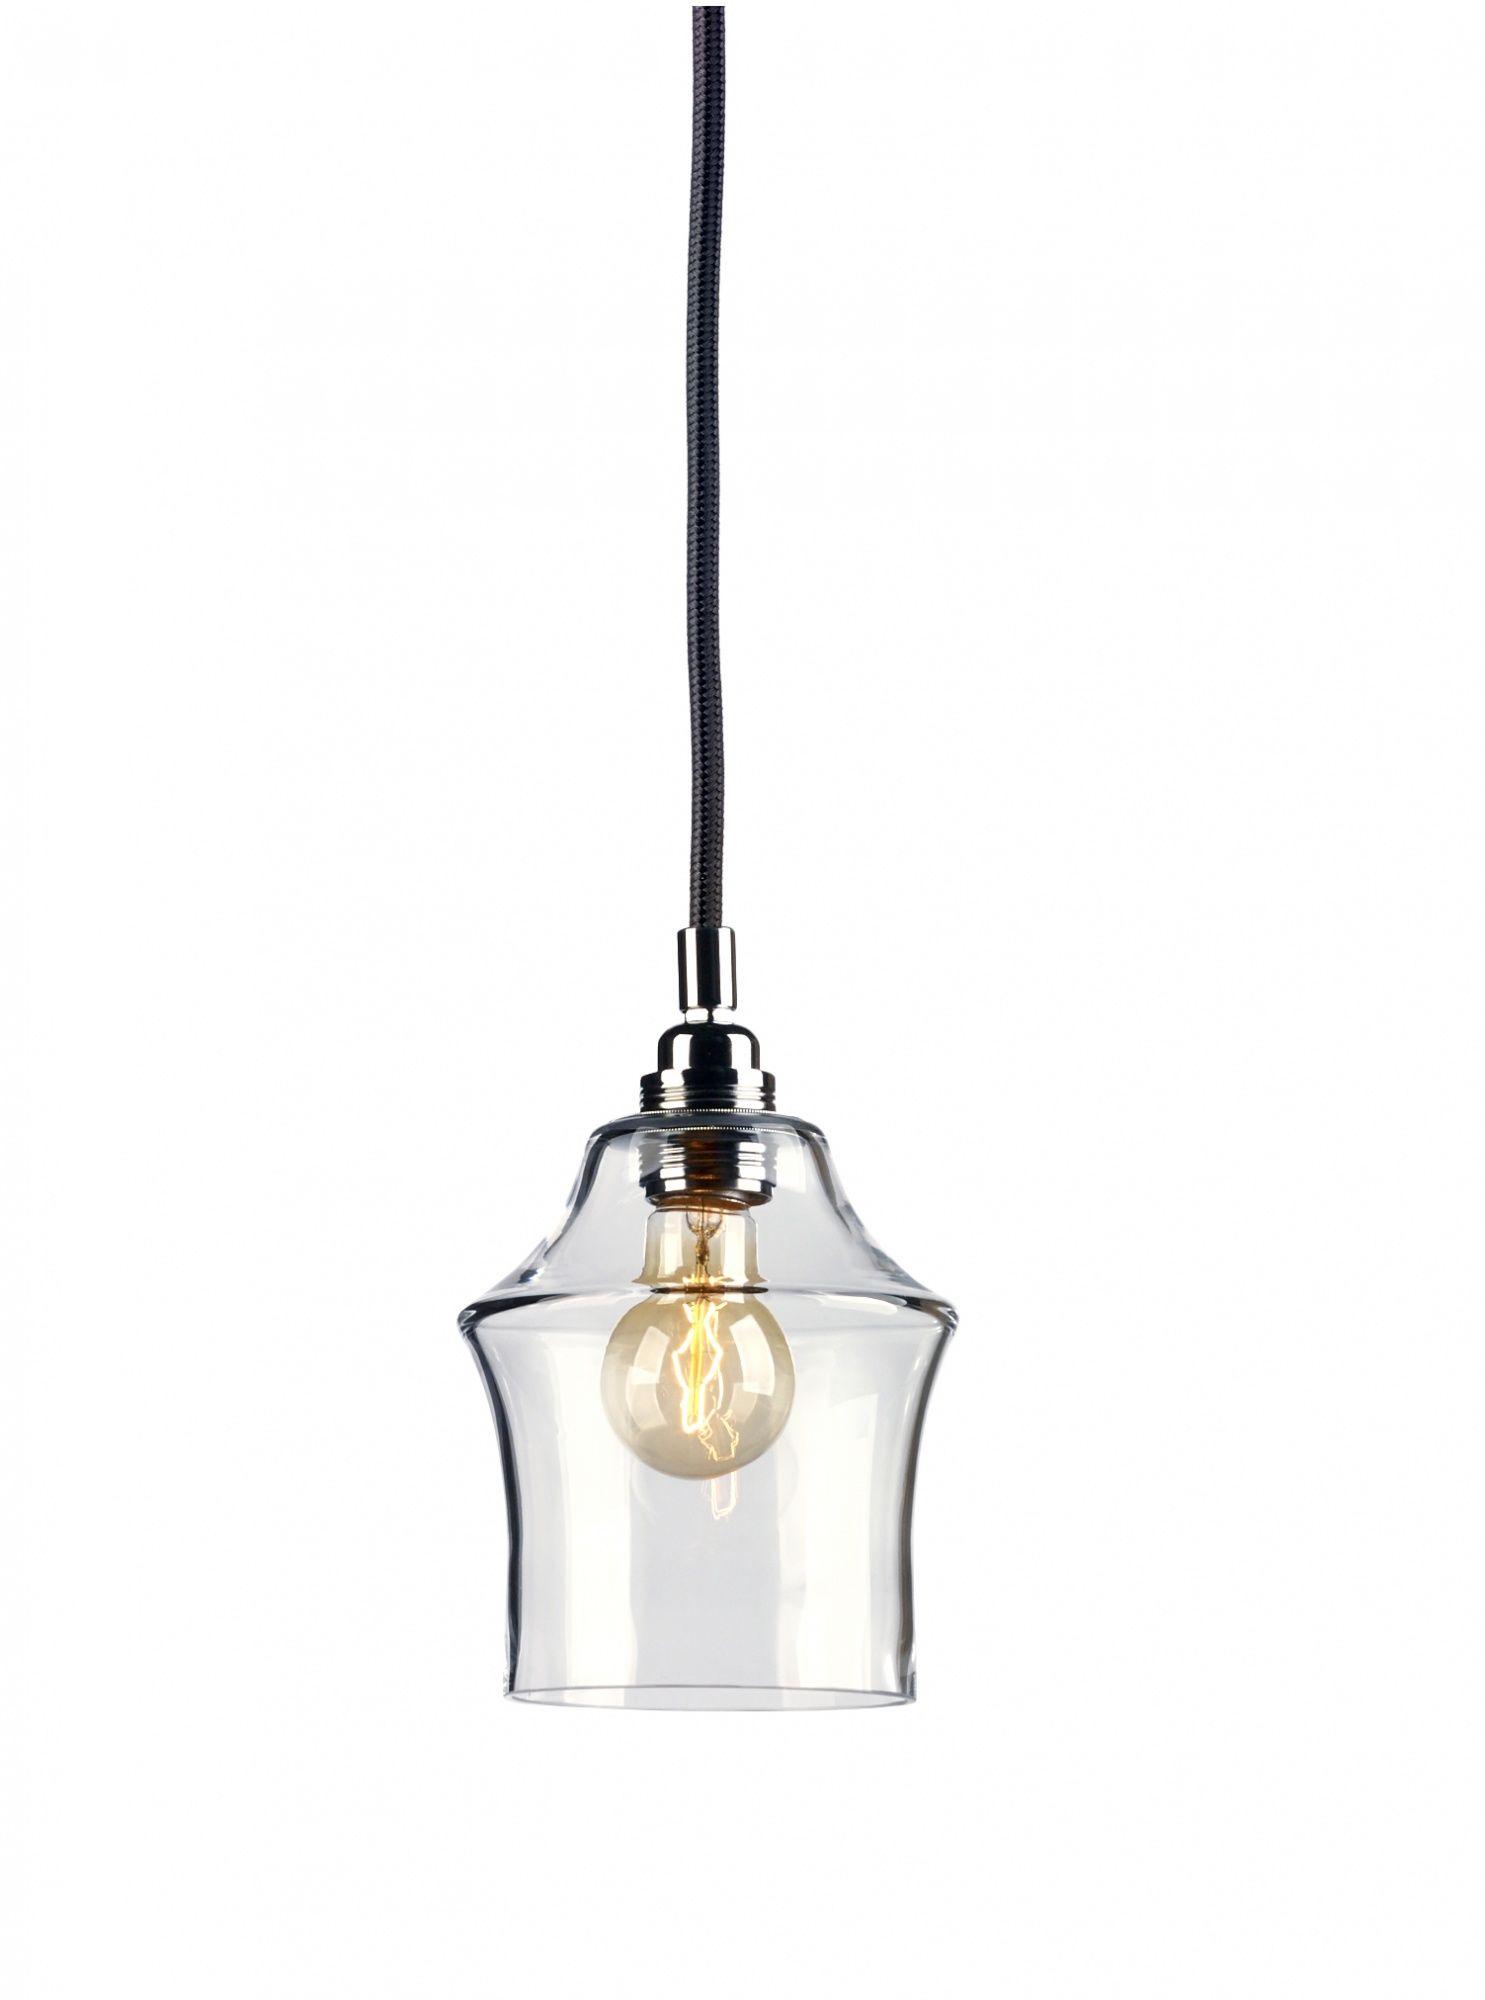 Lampa wisząca Longis II 10134109 oprawa przezroczysta / przewód czarny Kaspa